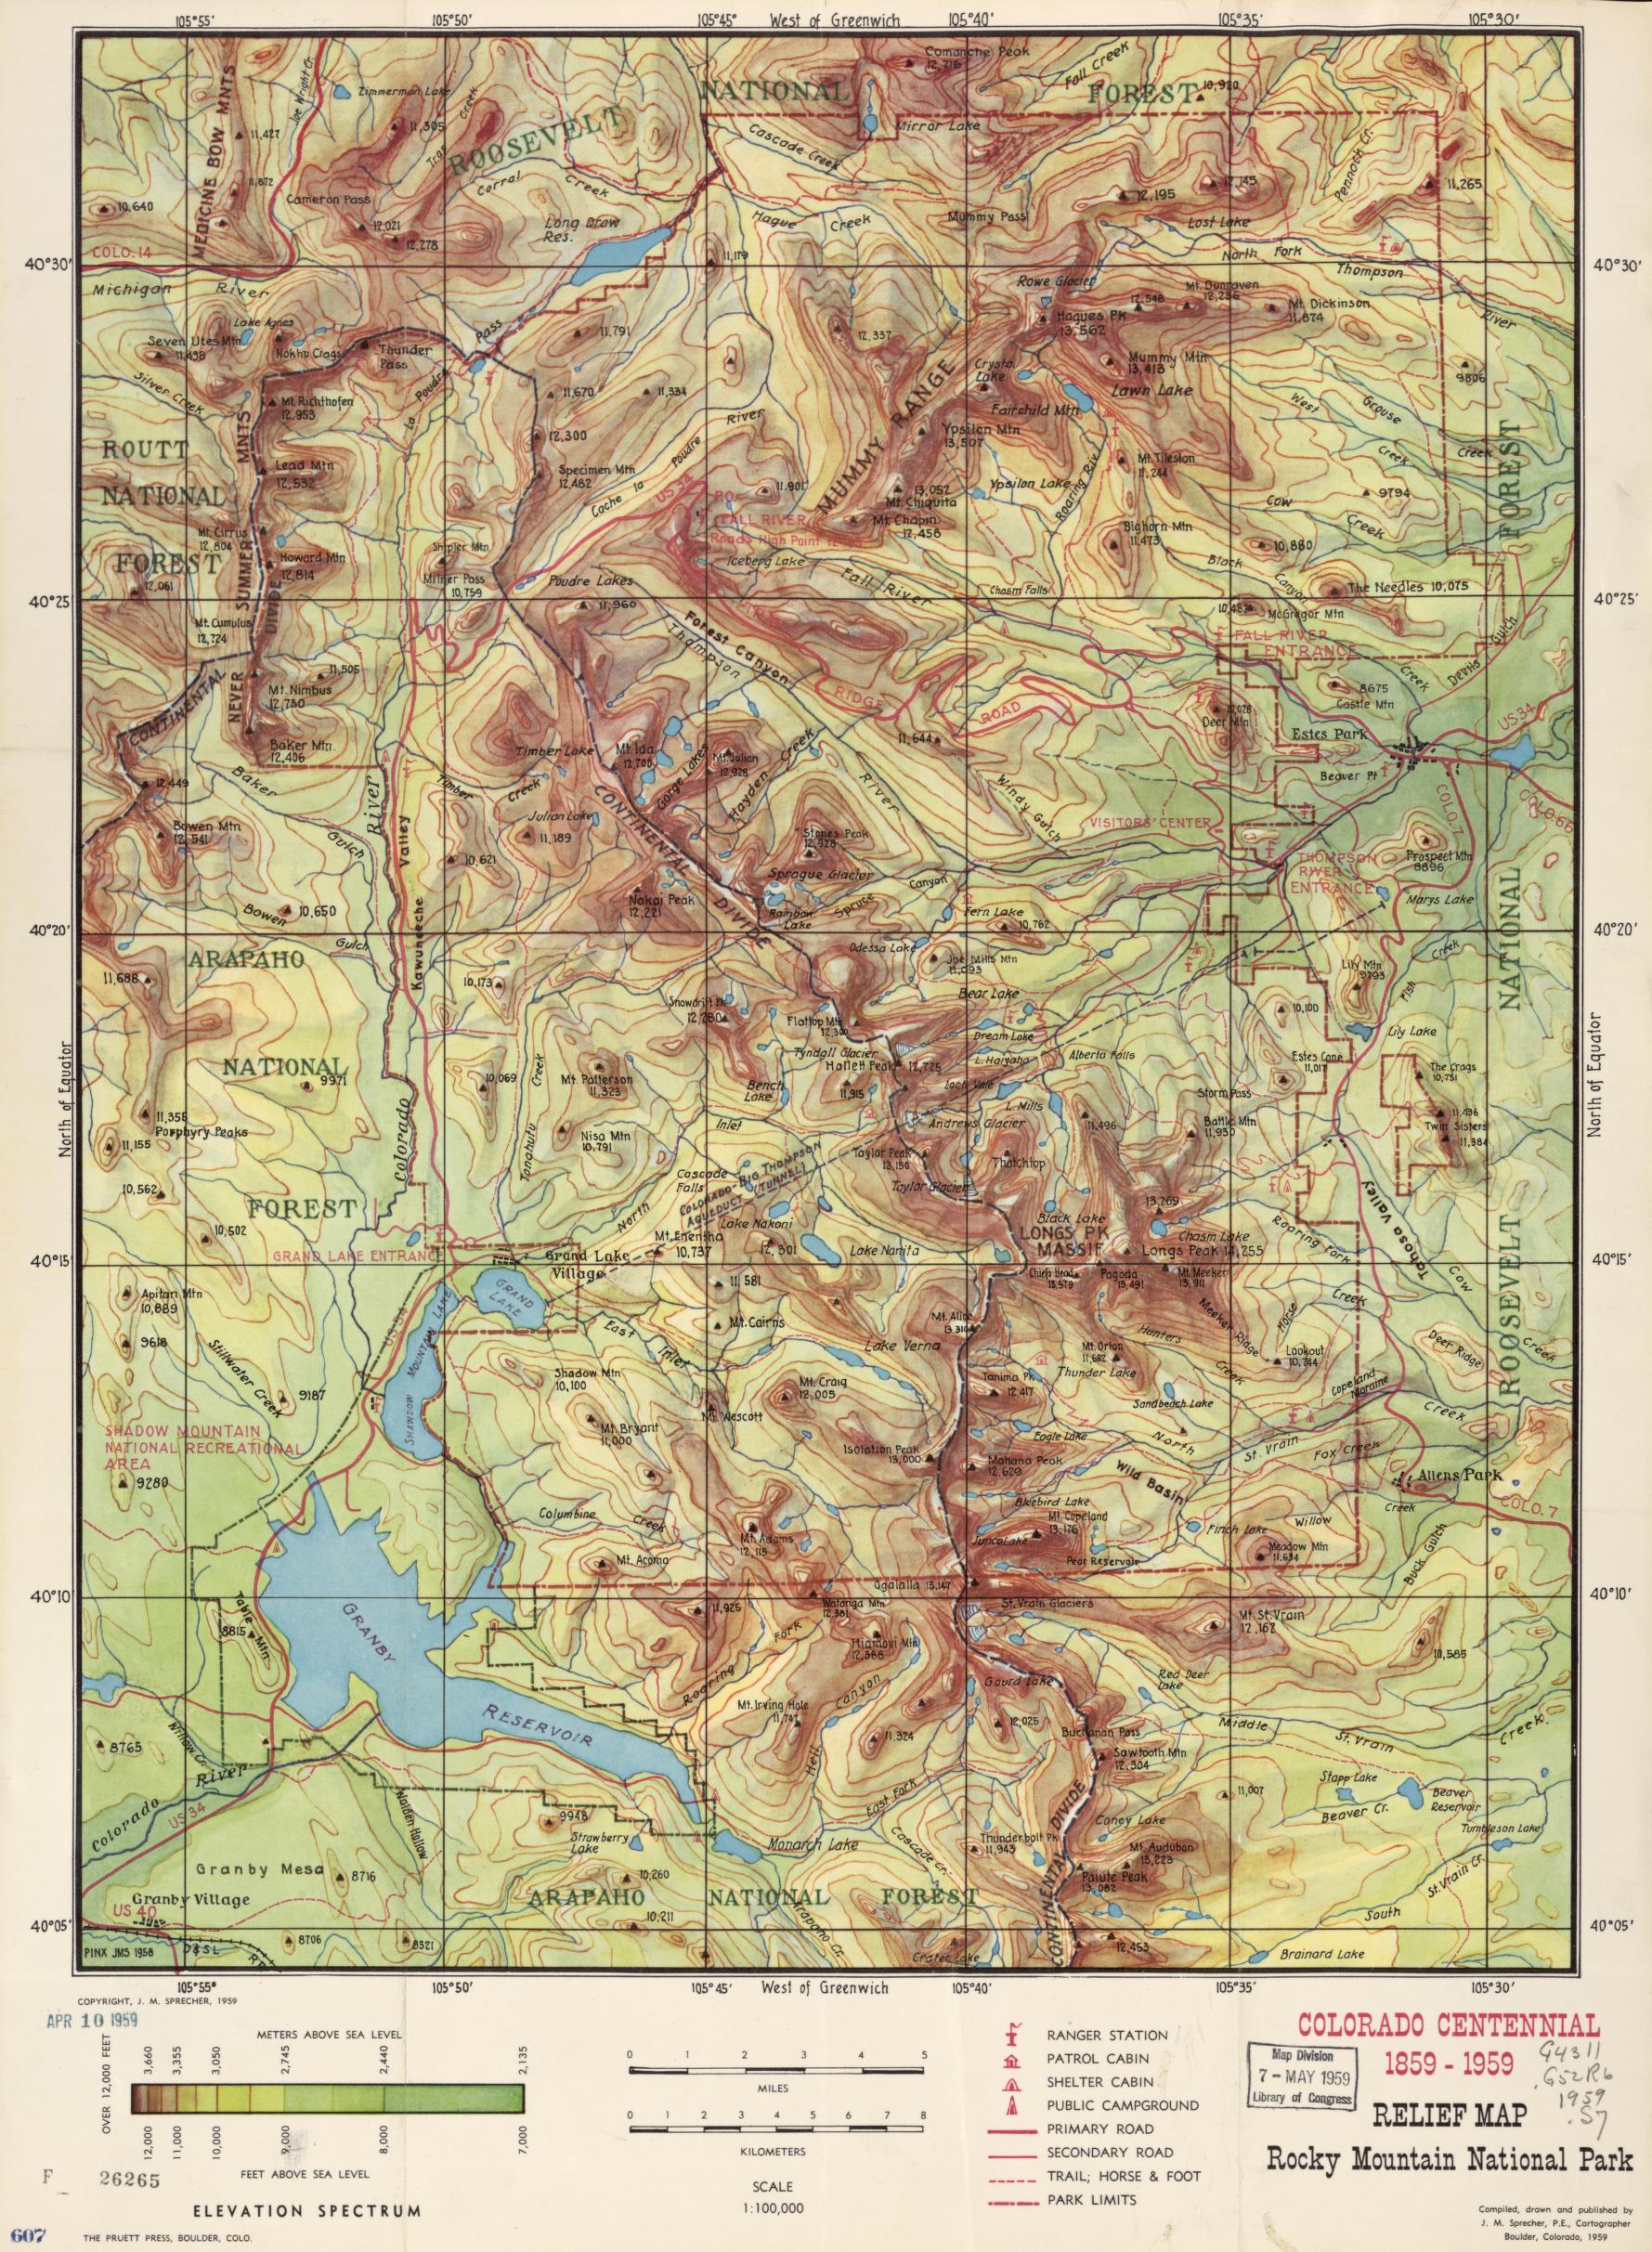 Relief Map Rocky Mountain National Park Colorado